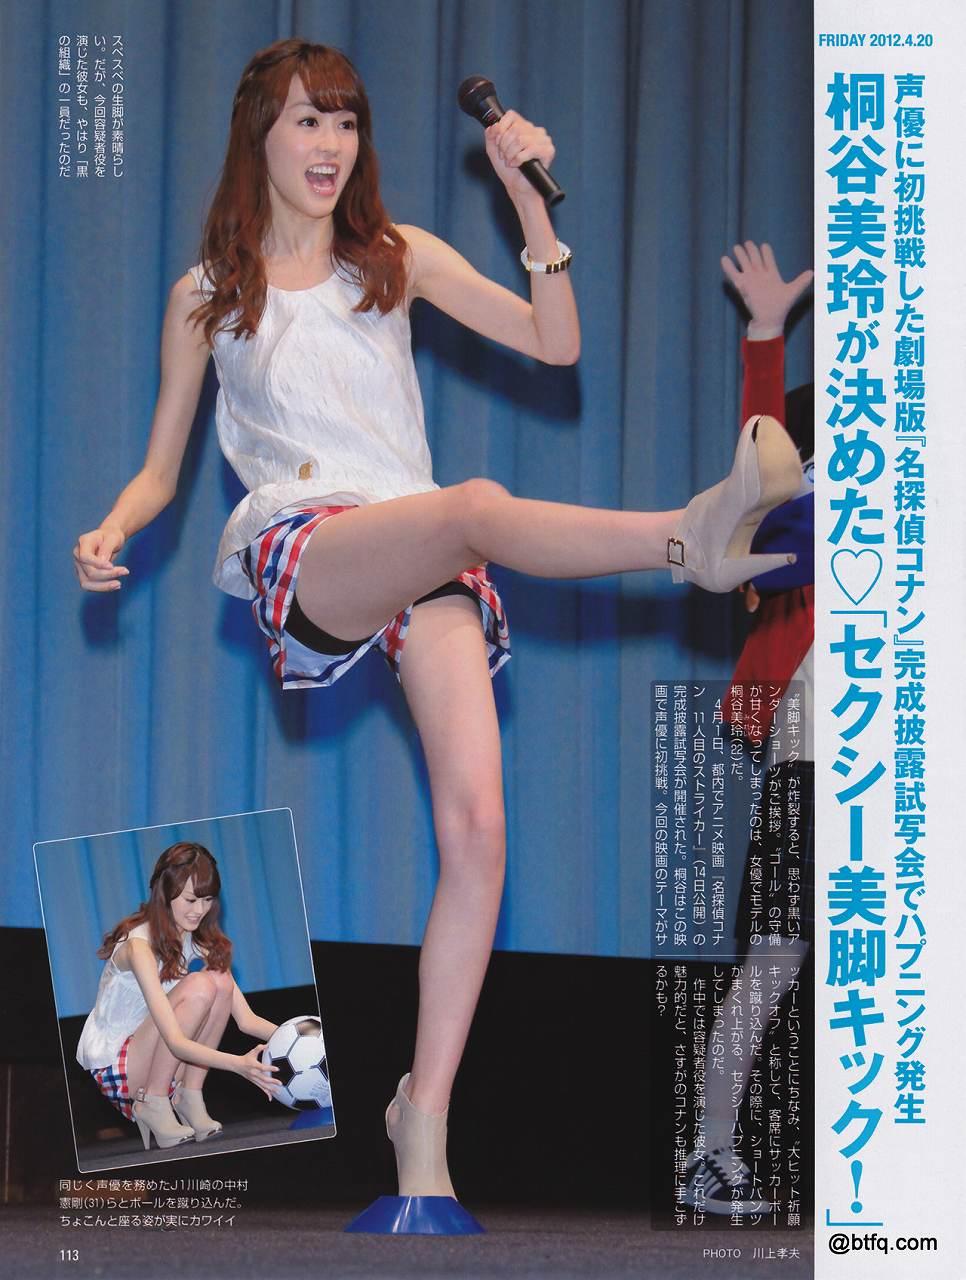 映画「名探偵コナン 11人目のストライカー」の完成披露試写会でパンチラするショートパンツ姿の桐谷美玲